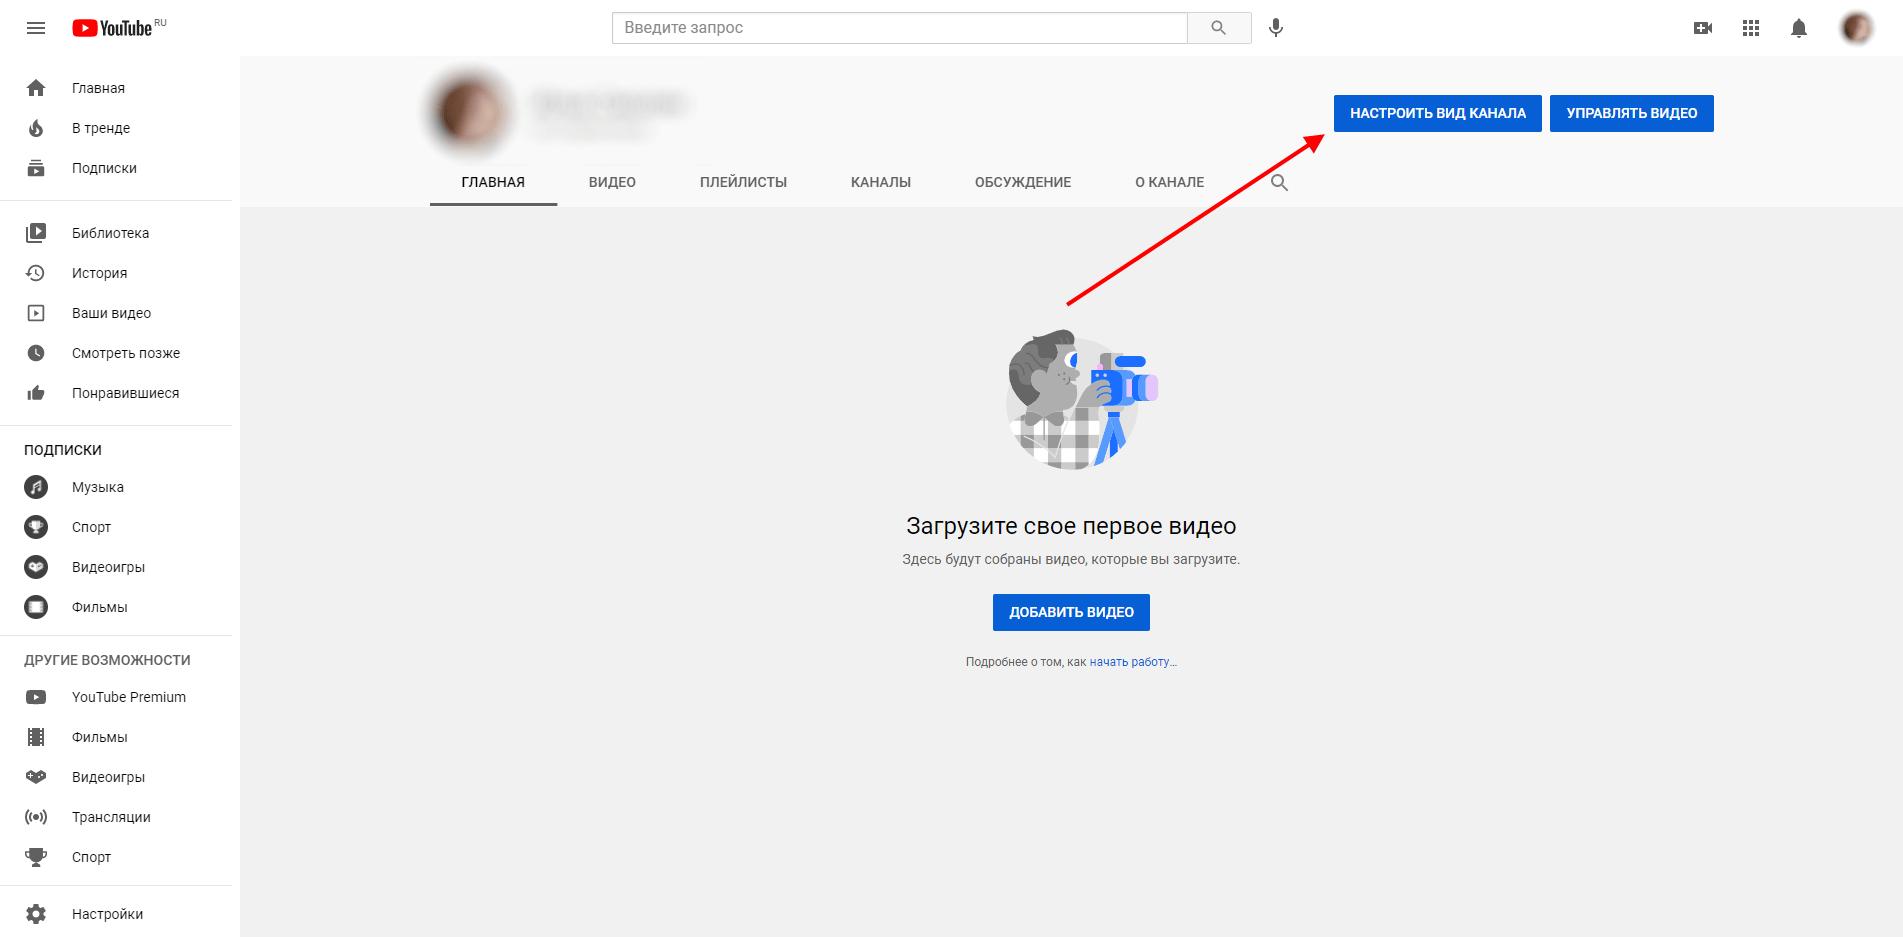 YouTube'da başlık nasıl değiştirilir